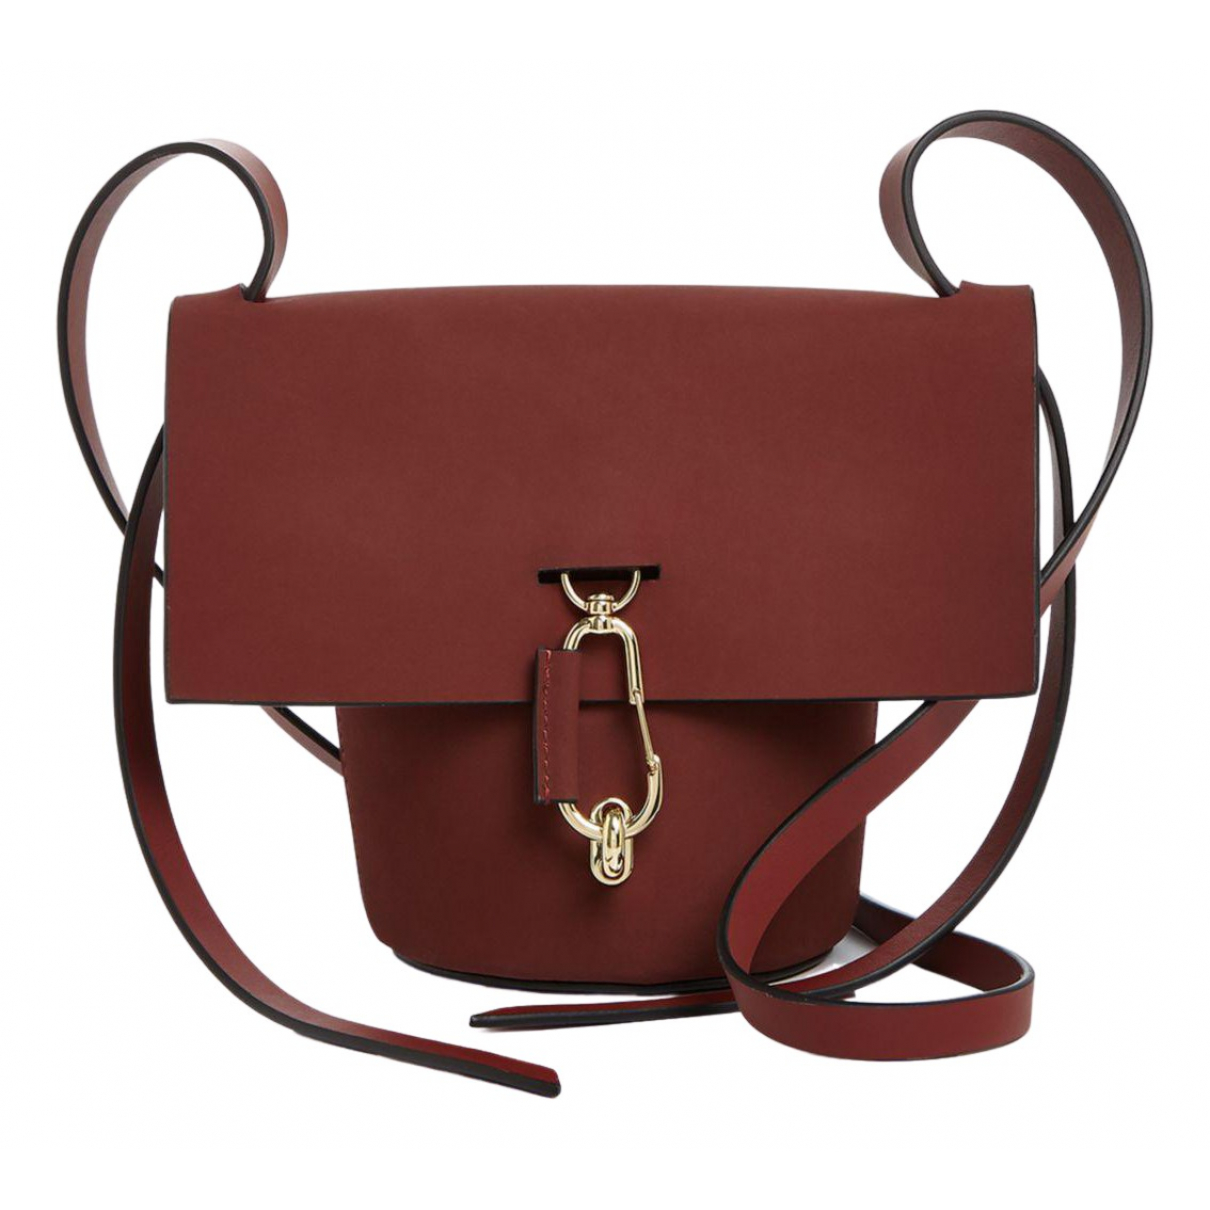 Zac Posen \N Red Leather handbag for Women \N